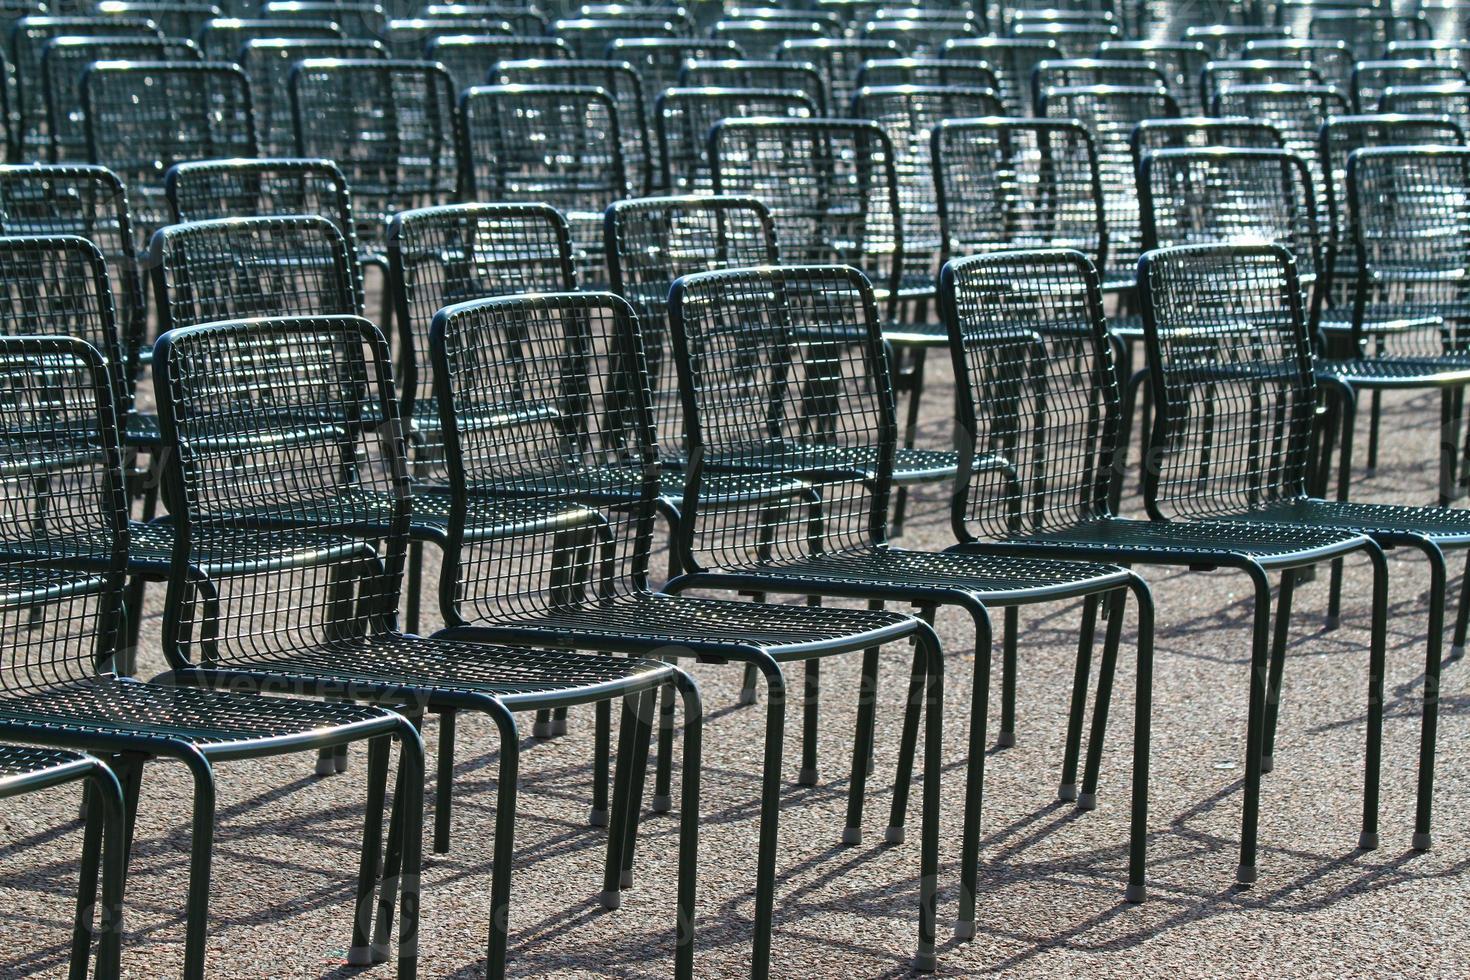 cadeiras vazias foto